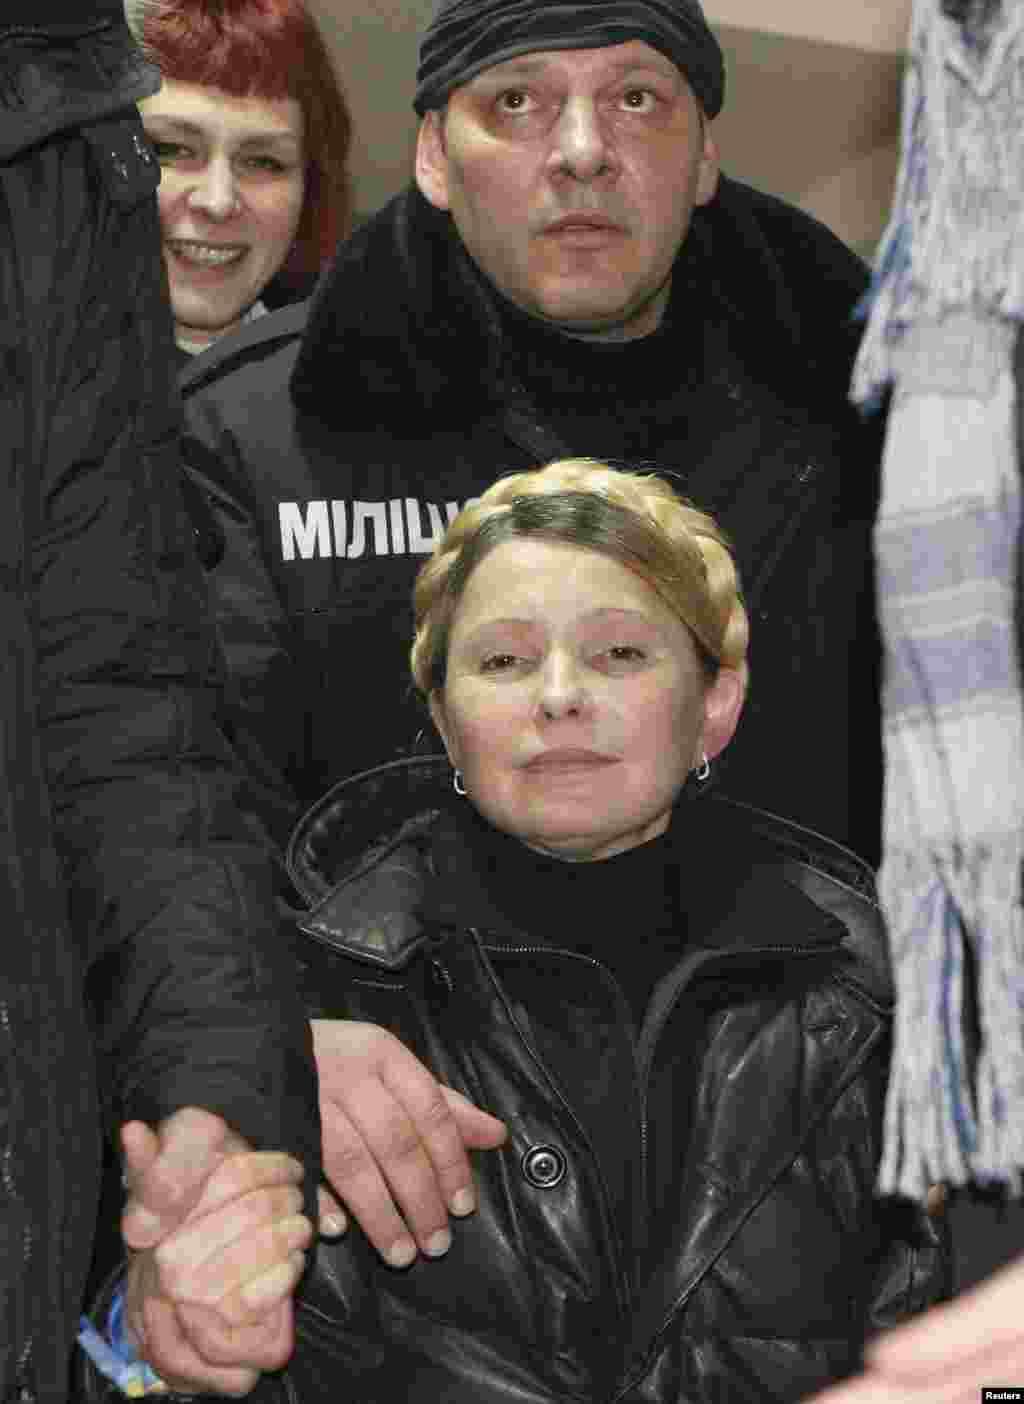 Аркасы дәвамлы һәм нык авырткан Тимошенко төрмә хастаханәсендә сак астында тотылды.